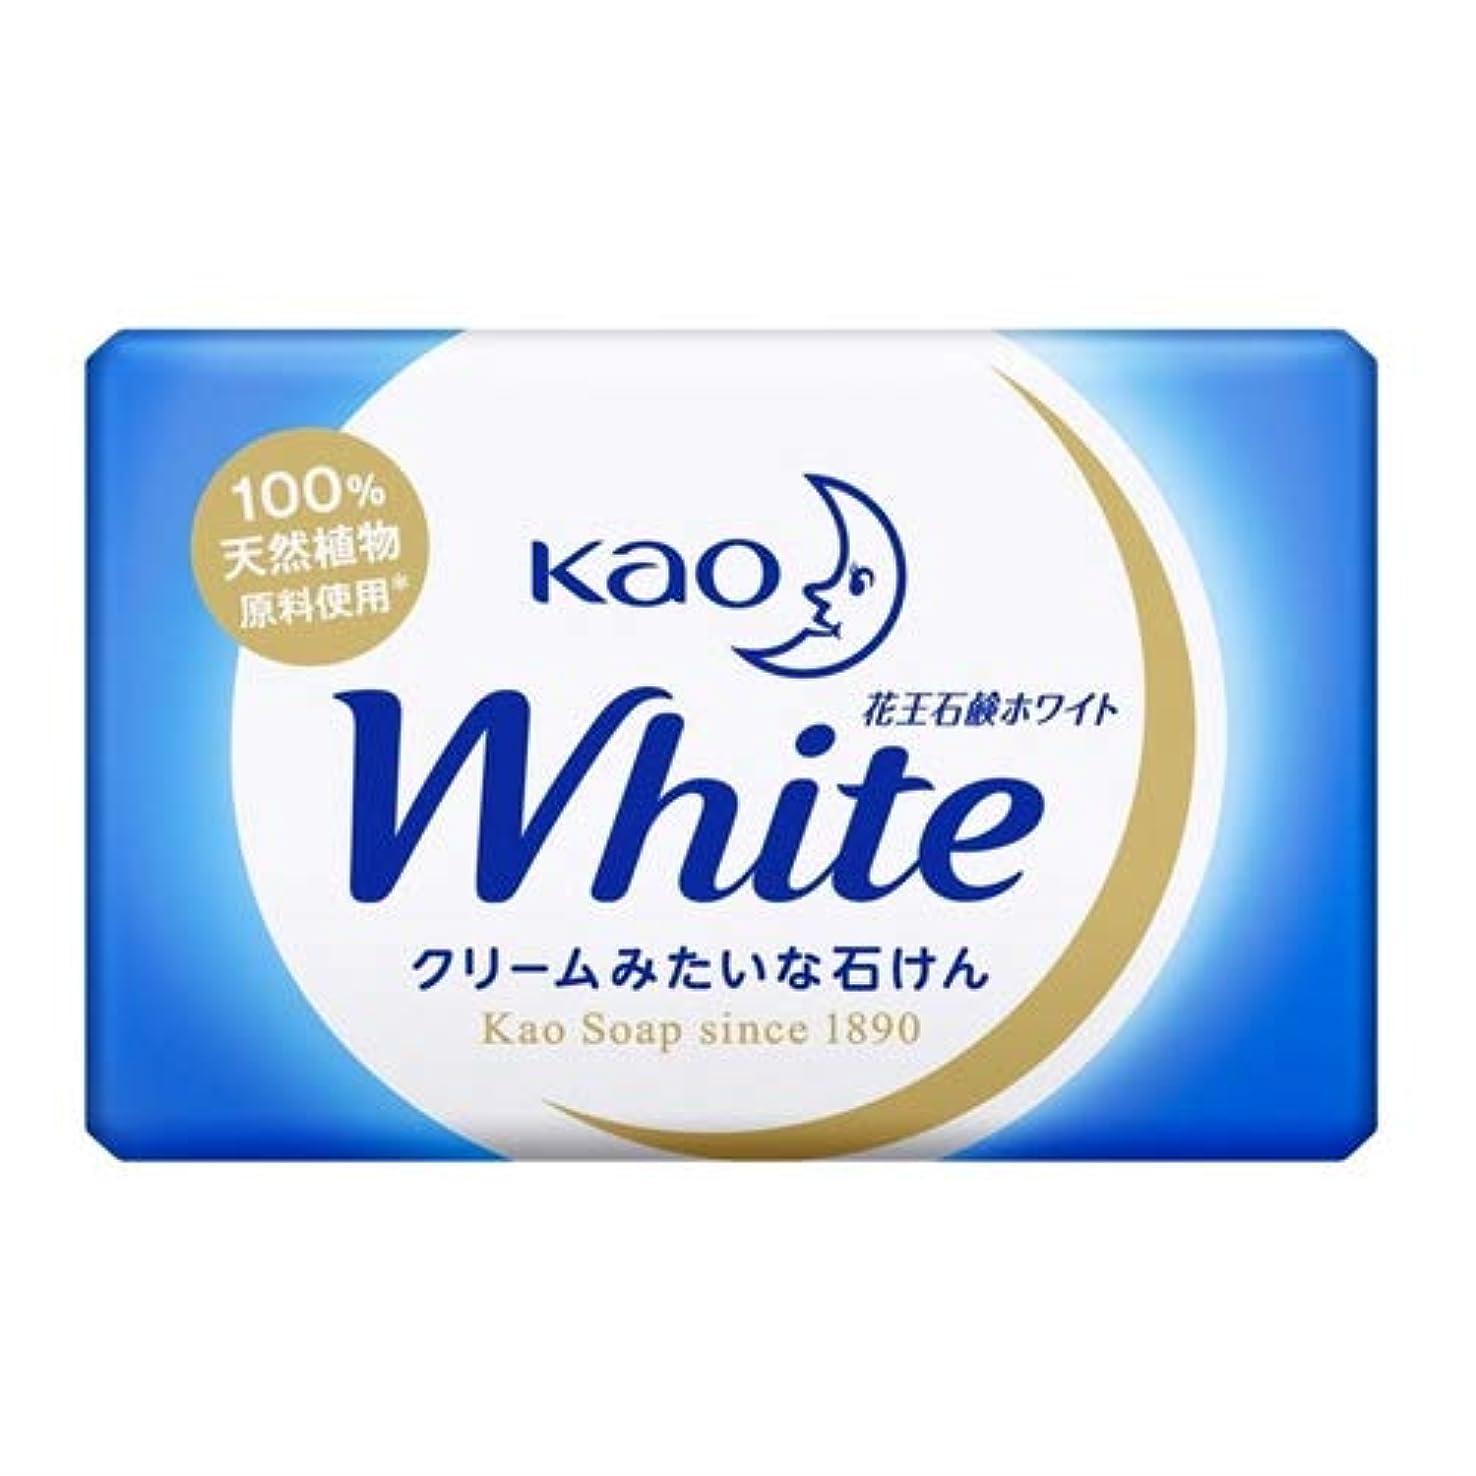 夢中申込みに付ける花王石鹸ホワイト 業務用ミニサイズ 15g × 100個セット